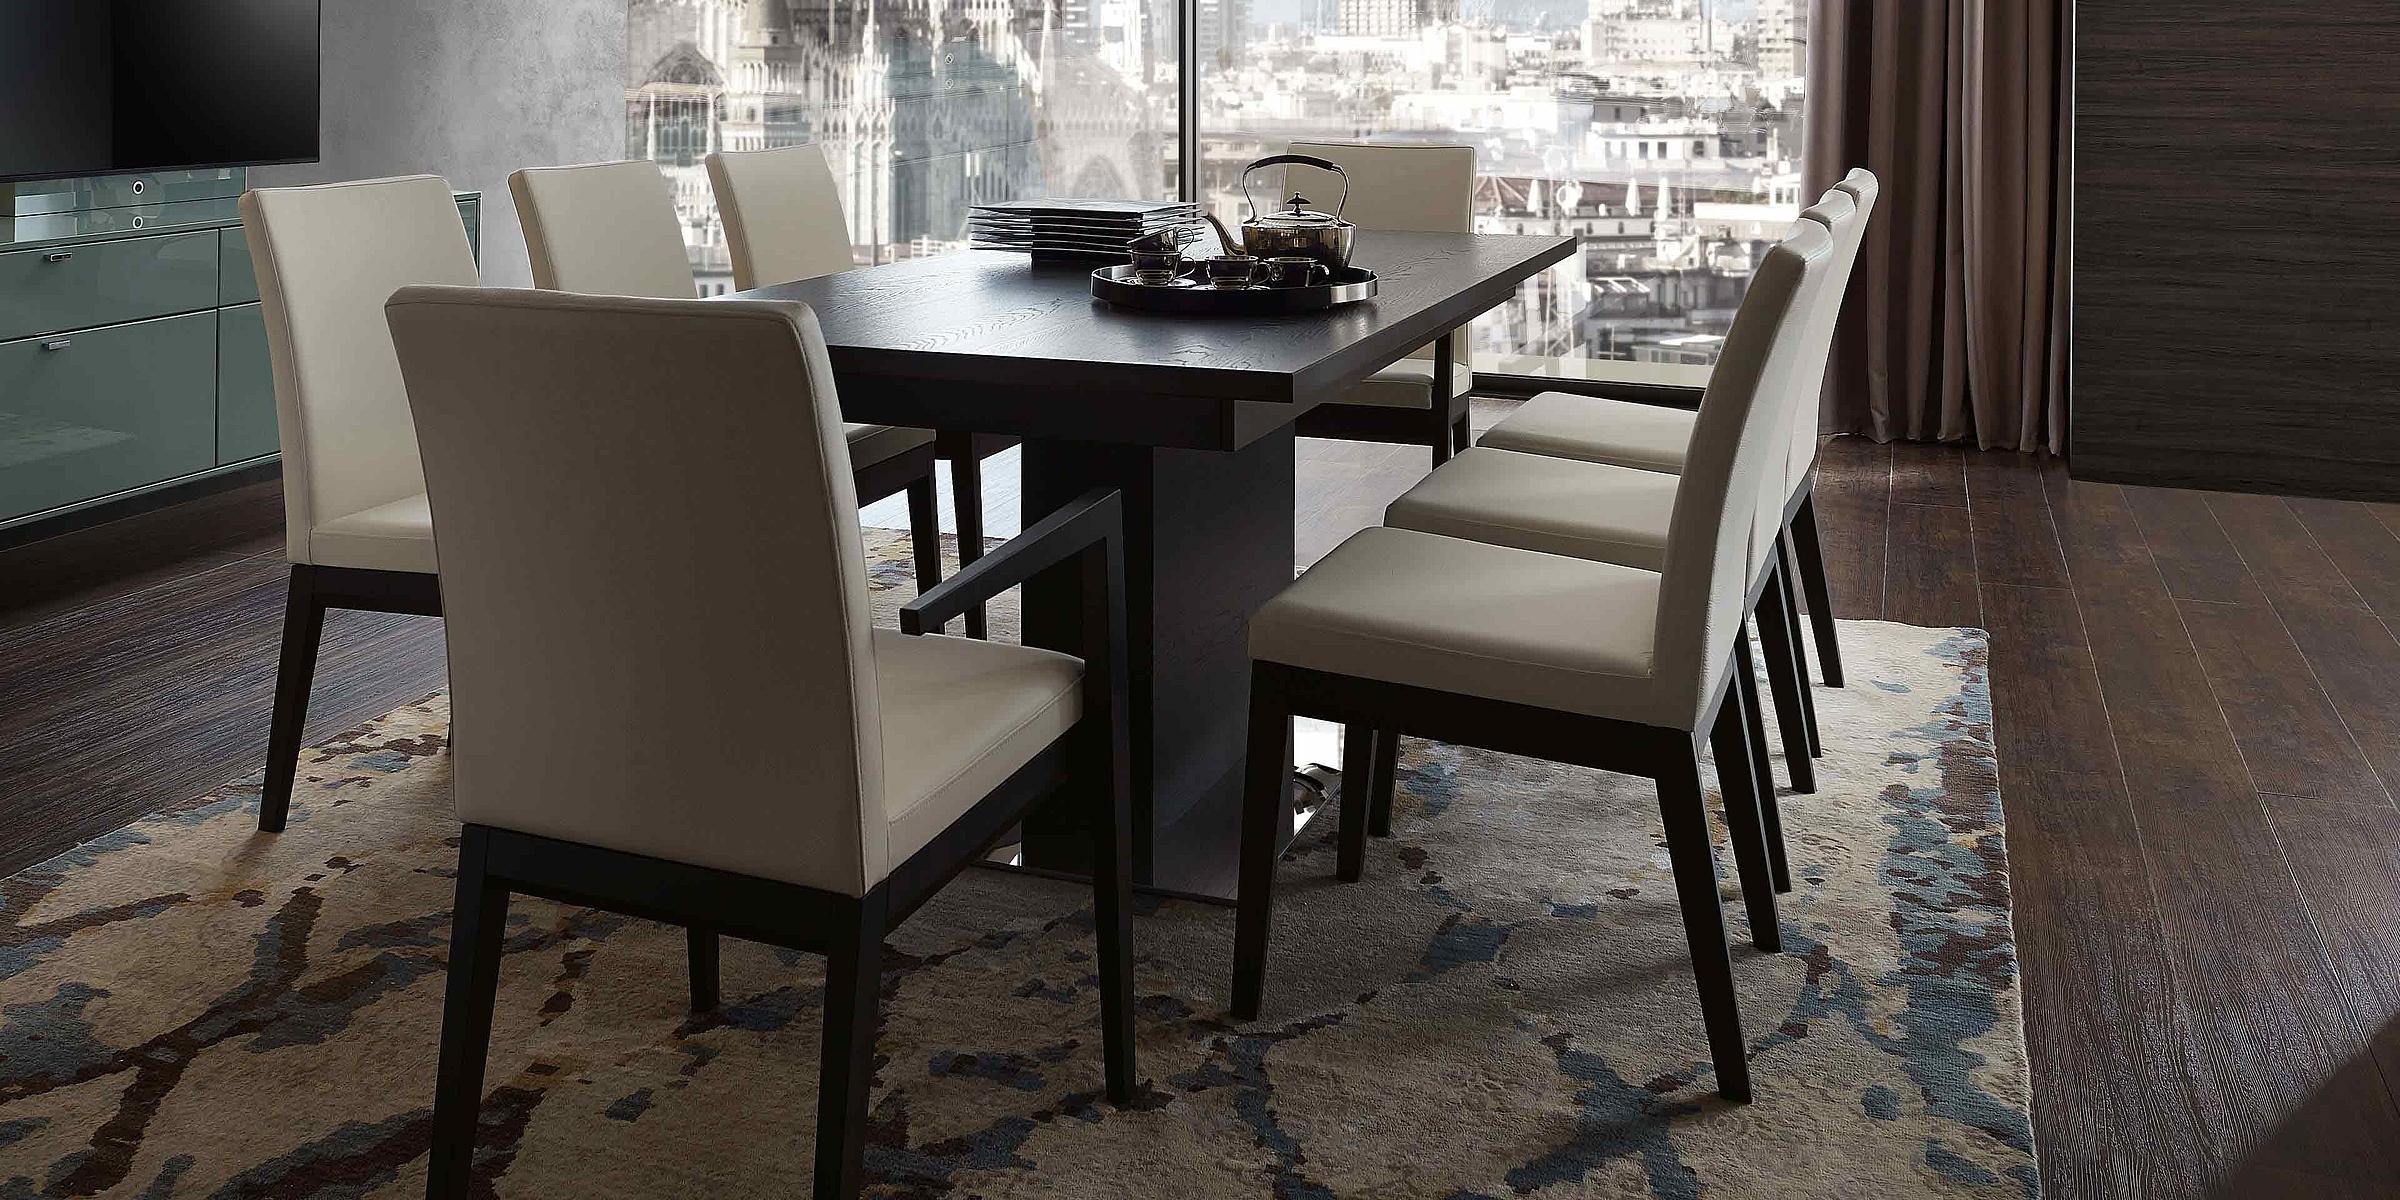 Stuhl R2 Leder Esstisch Wohnzimmer Deviso